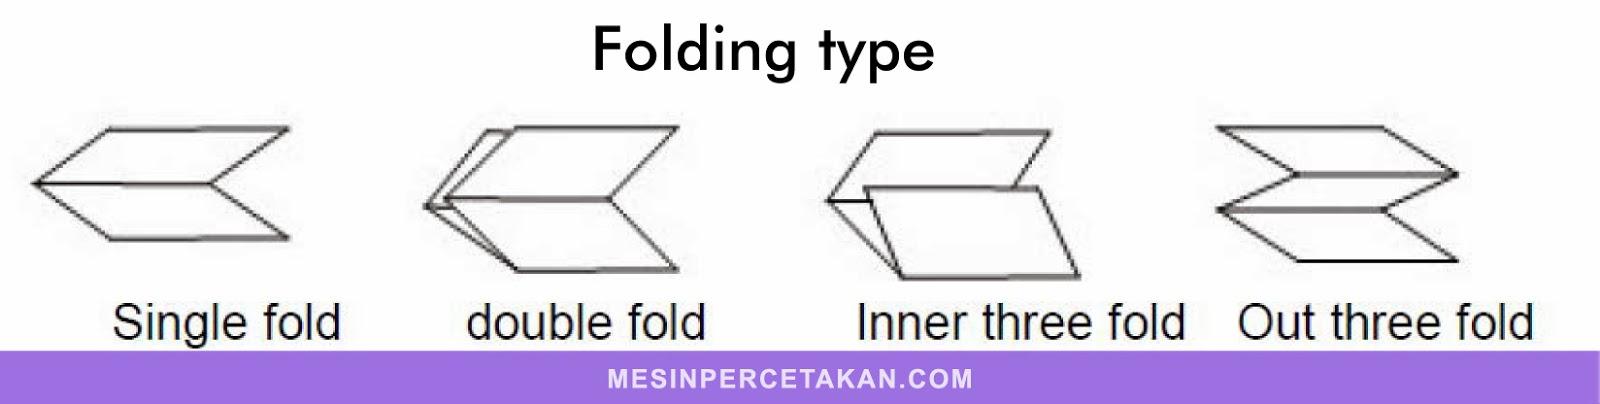 Mesin lipat kertas   Jenis lipatan kertas